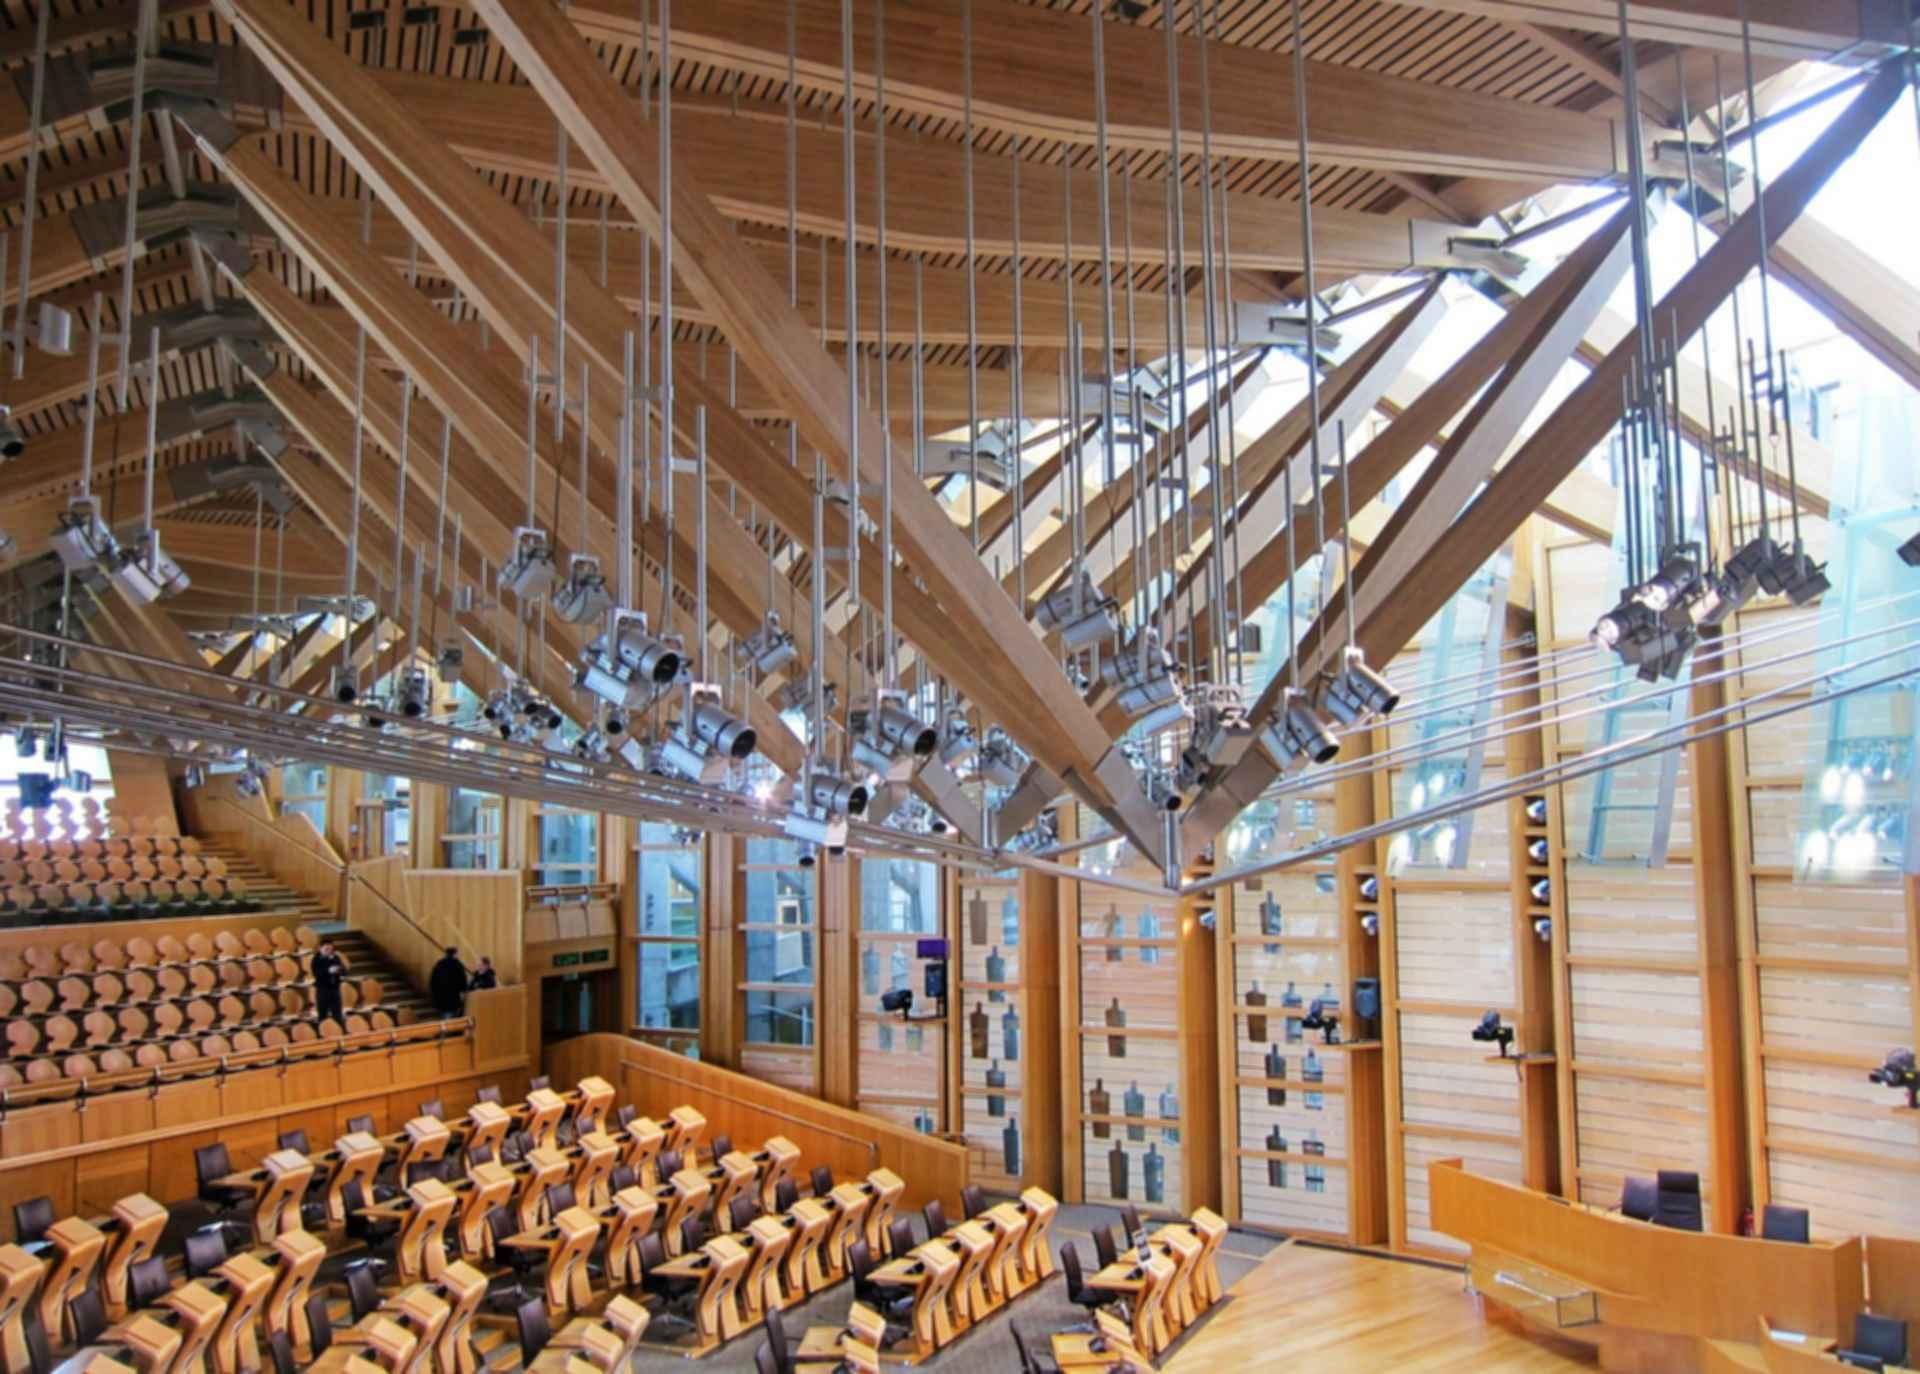 Scottish Parliament Building - Interior